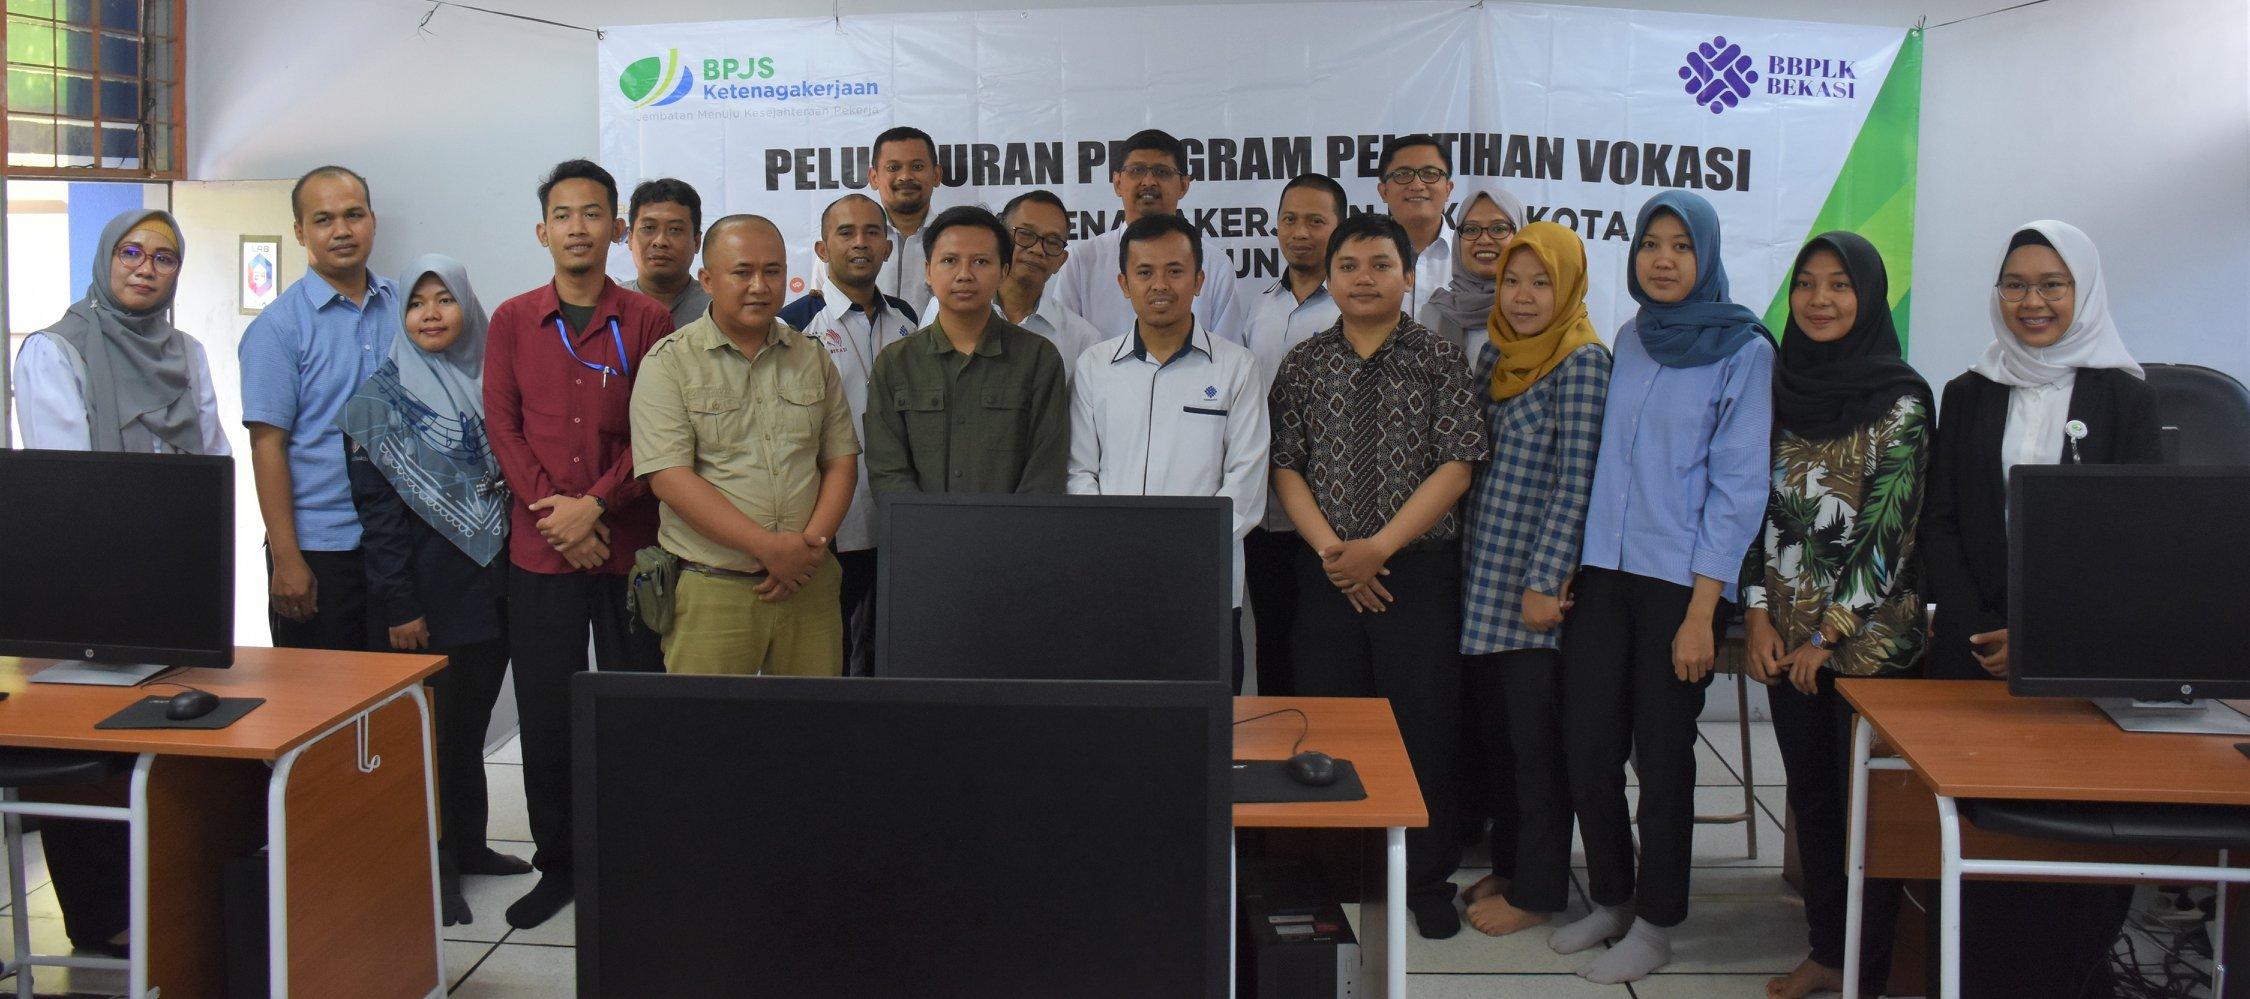 Peluncuran Pelatihan Vokasi BPJS Ketenagakerjaan Bekasi Kota